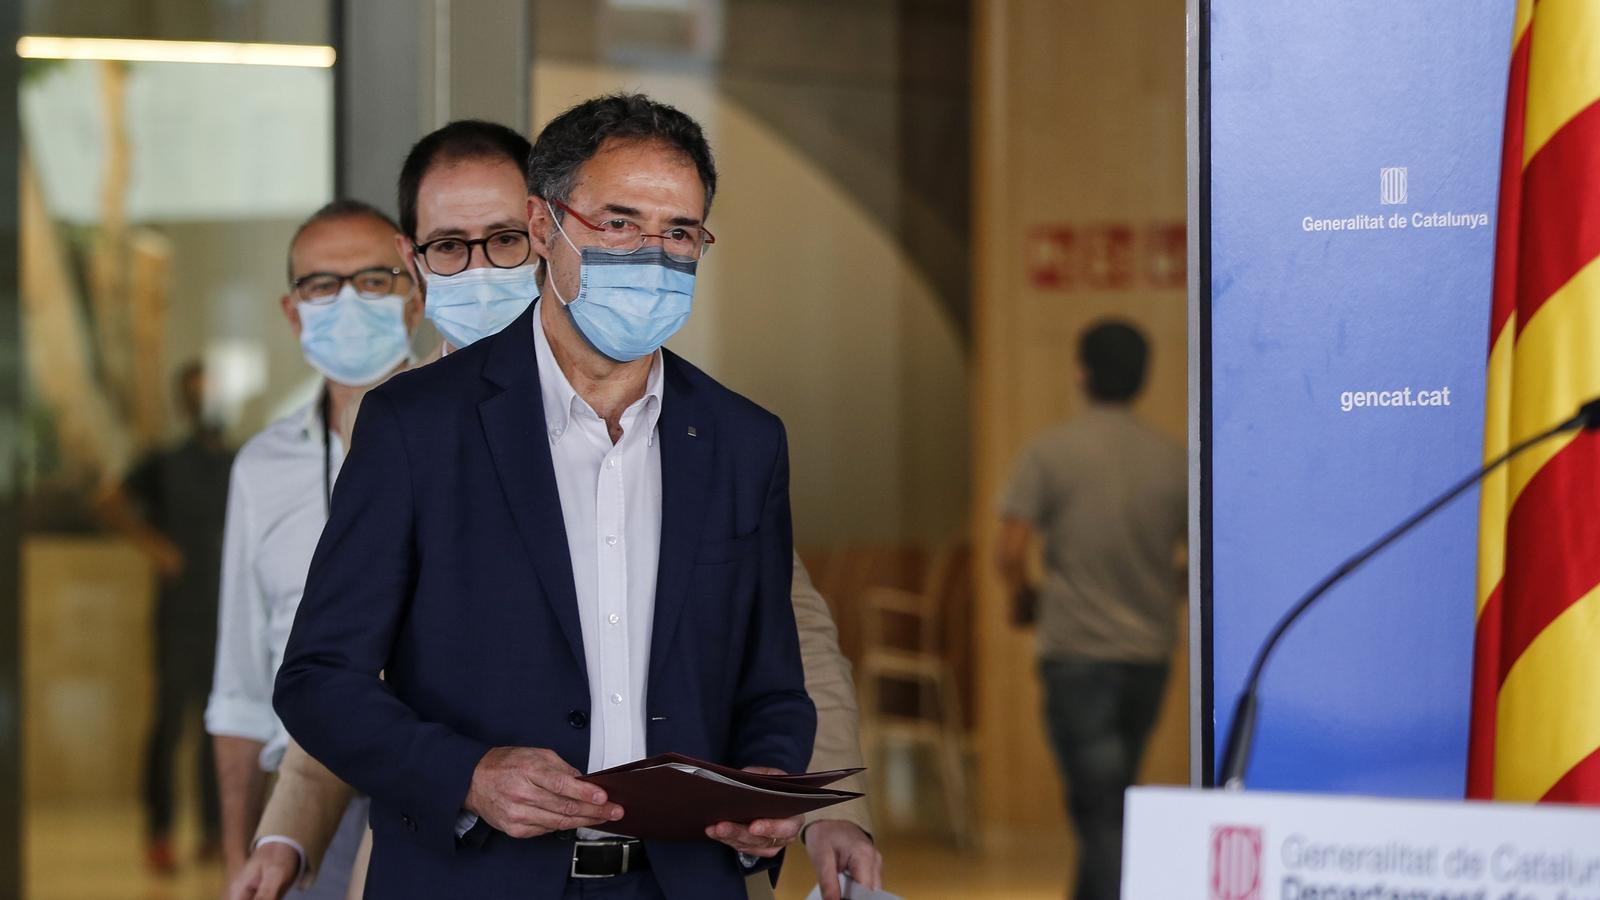 Les juntes de tractament proposen per unanimitat el tercer grau per a tots els presos polítics